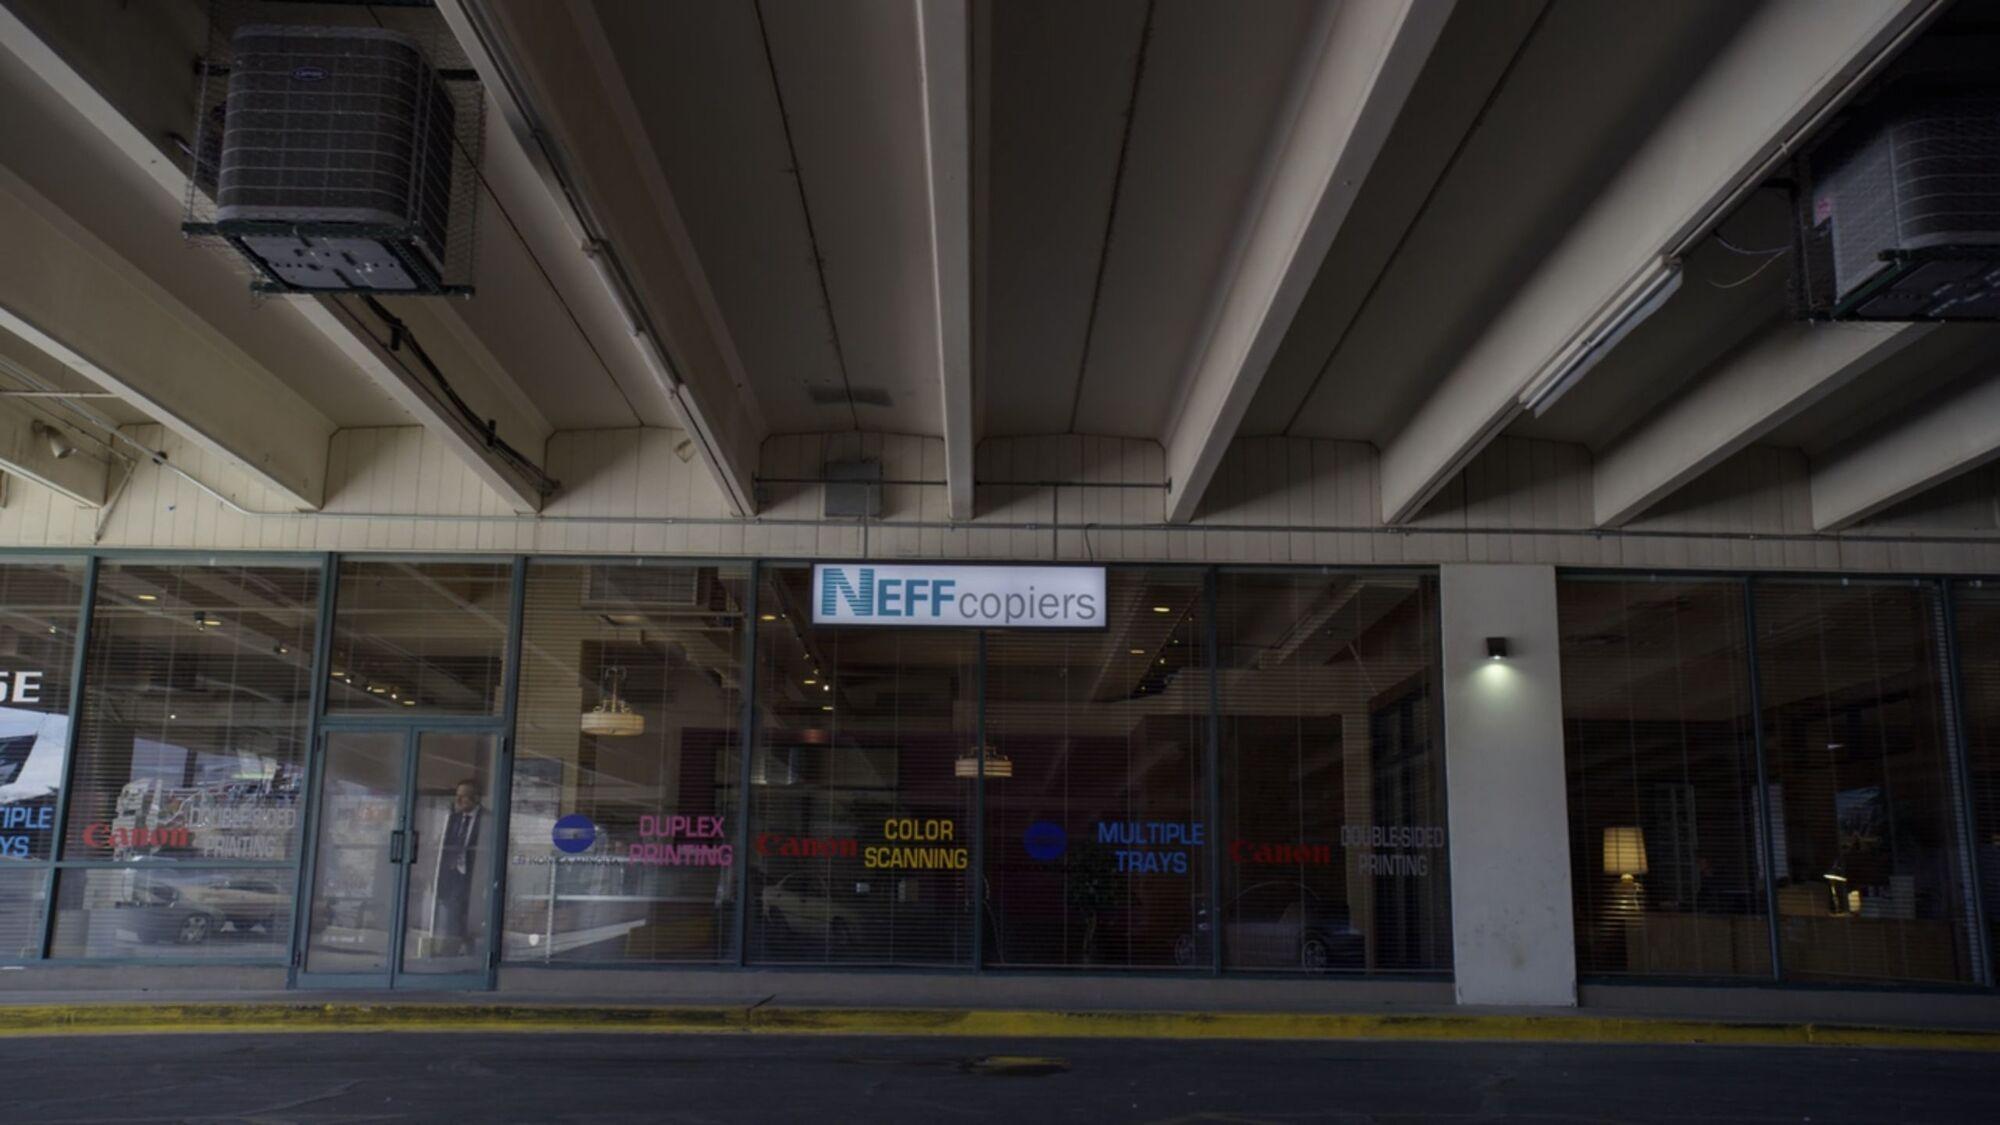 Neff Copiers | Breaking Bad Wiki | FANDOM powered by Wikia